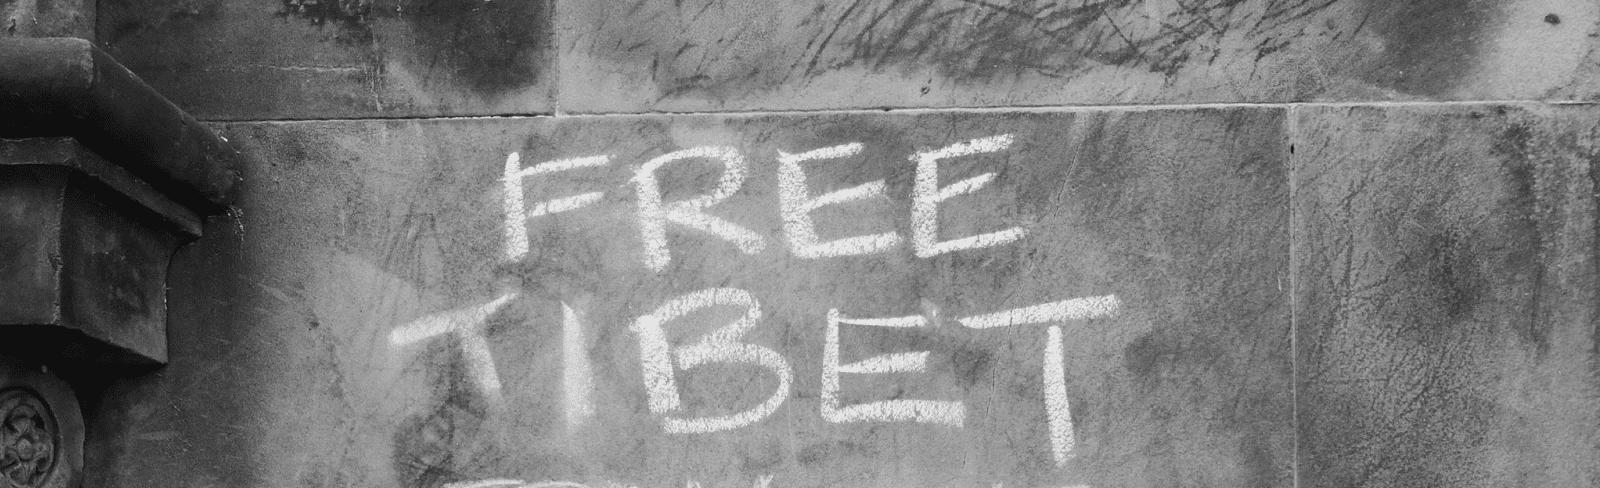 FREE TIBET auf eine Mauer geschrieben mit Kreide